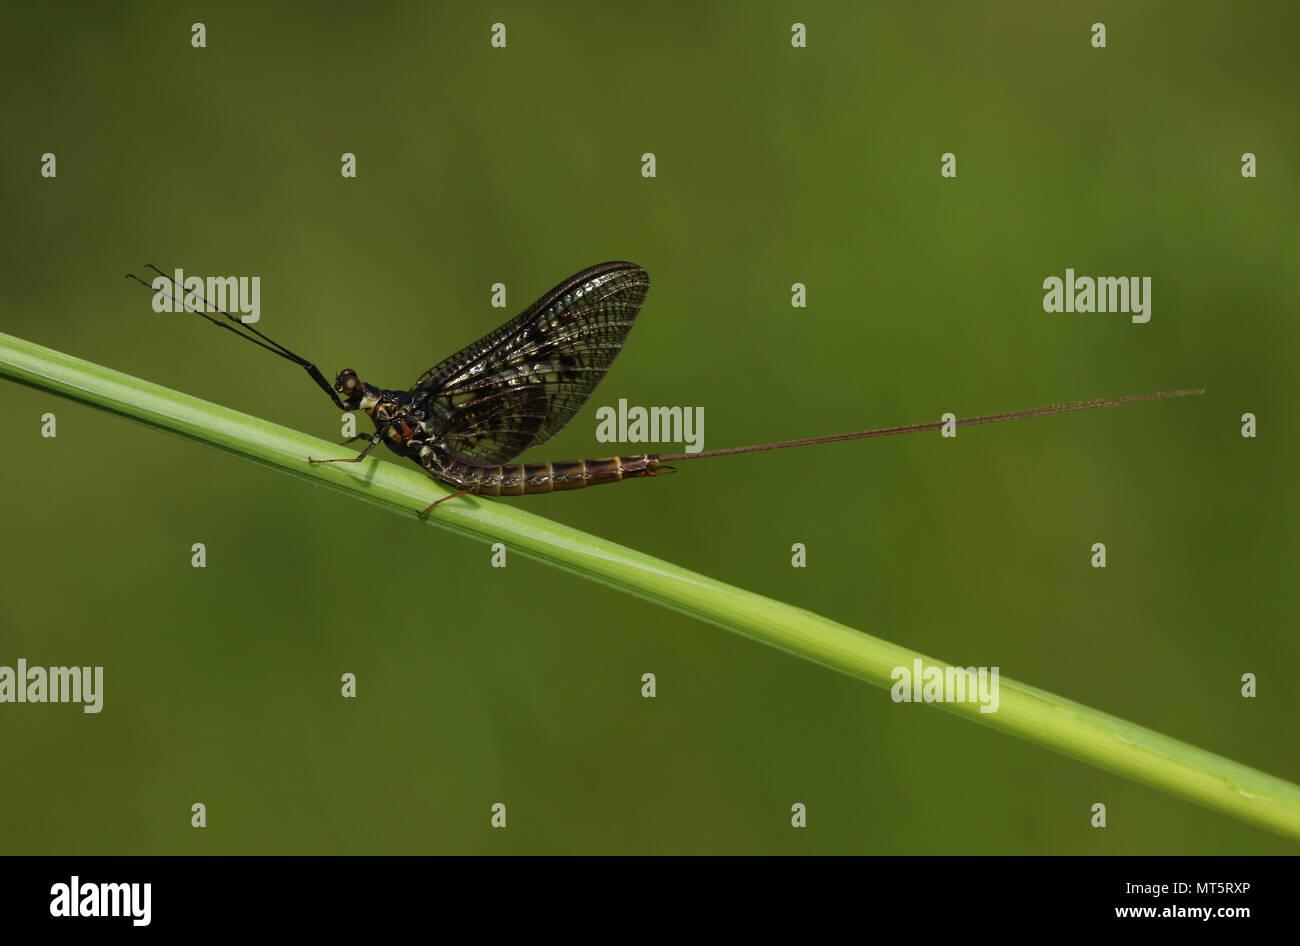 A beautiful Mayfly ( Ephemera vulgata) perching on grass stem. - Stock Image